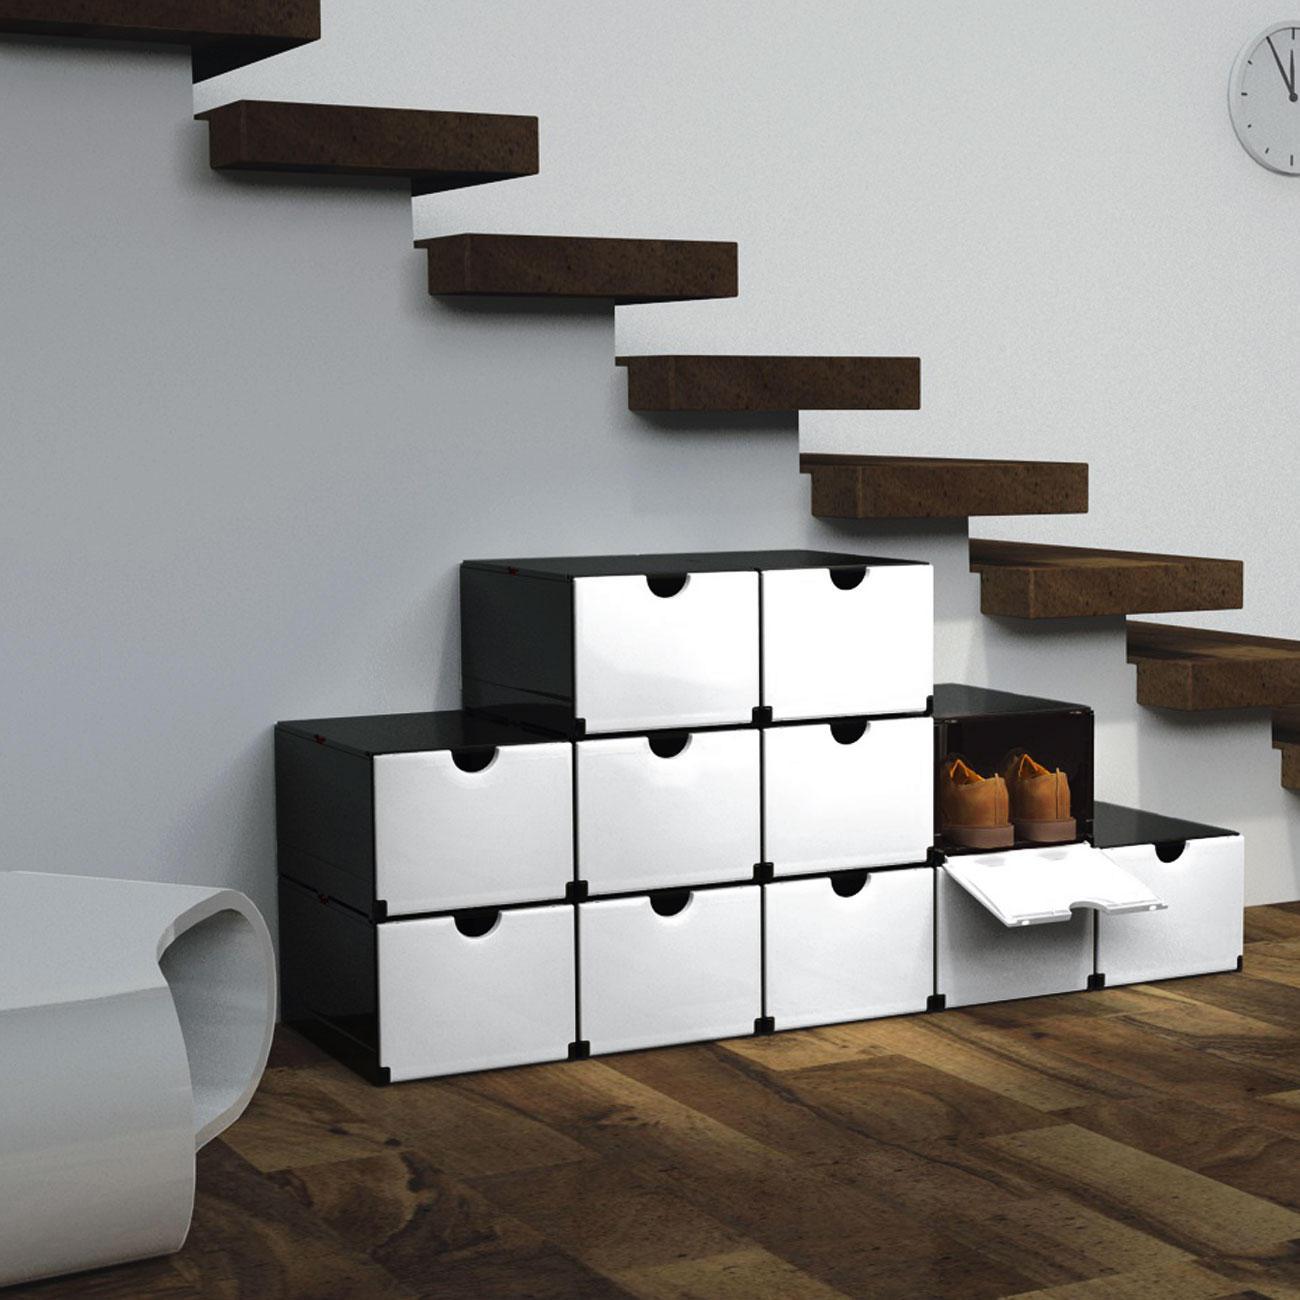 Voorraadkast Keuken Inhoud : Elegant Shoe Rack Ideas